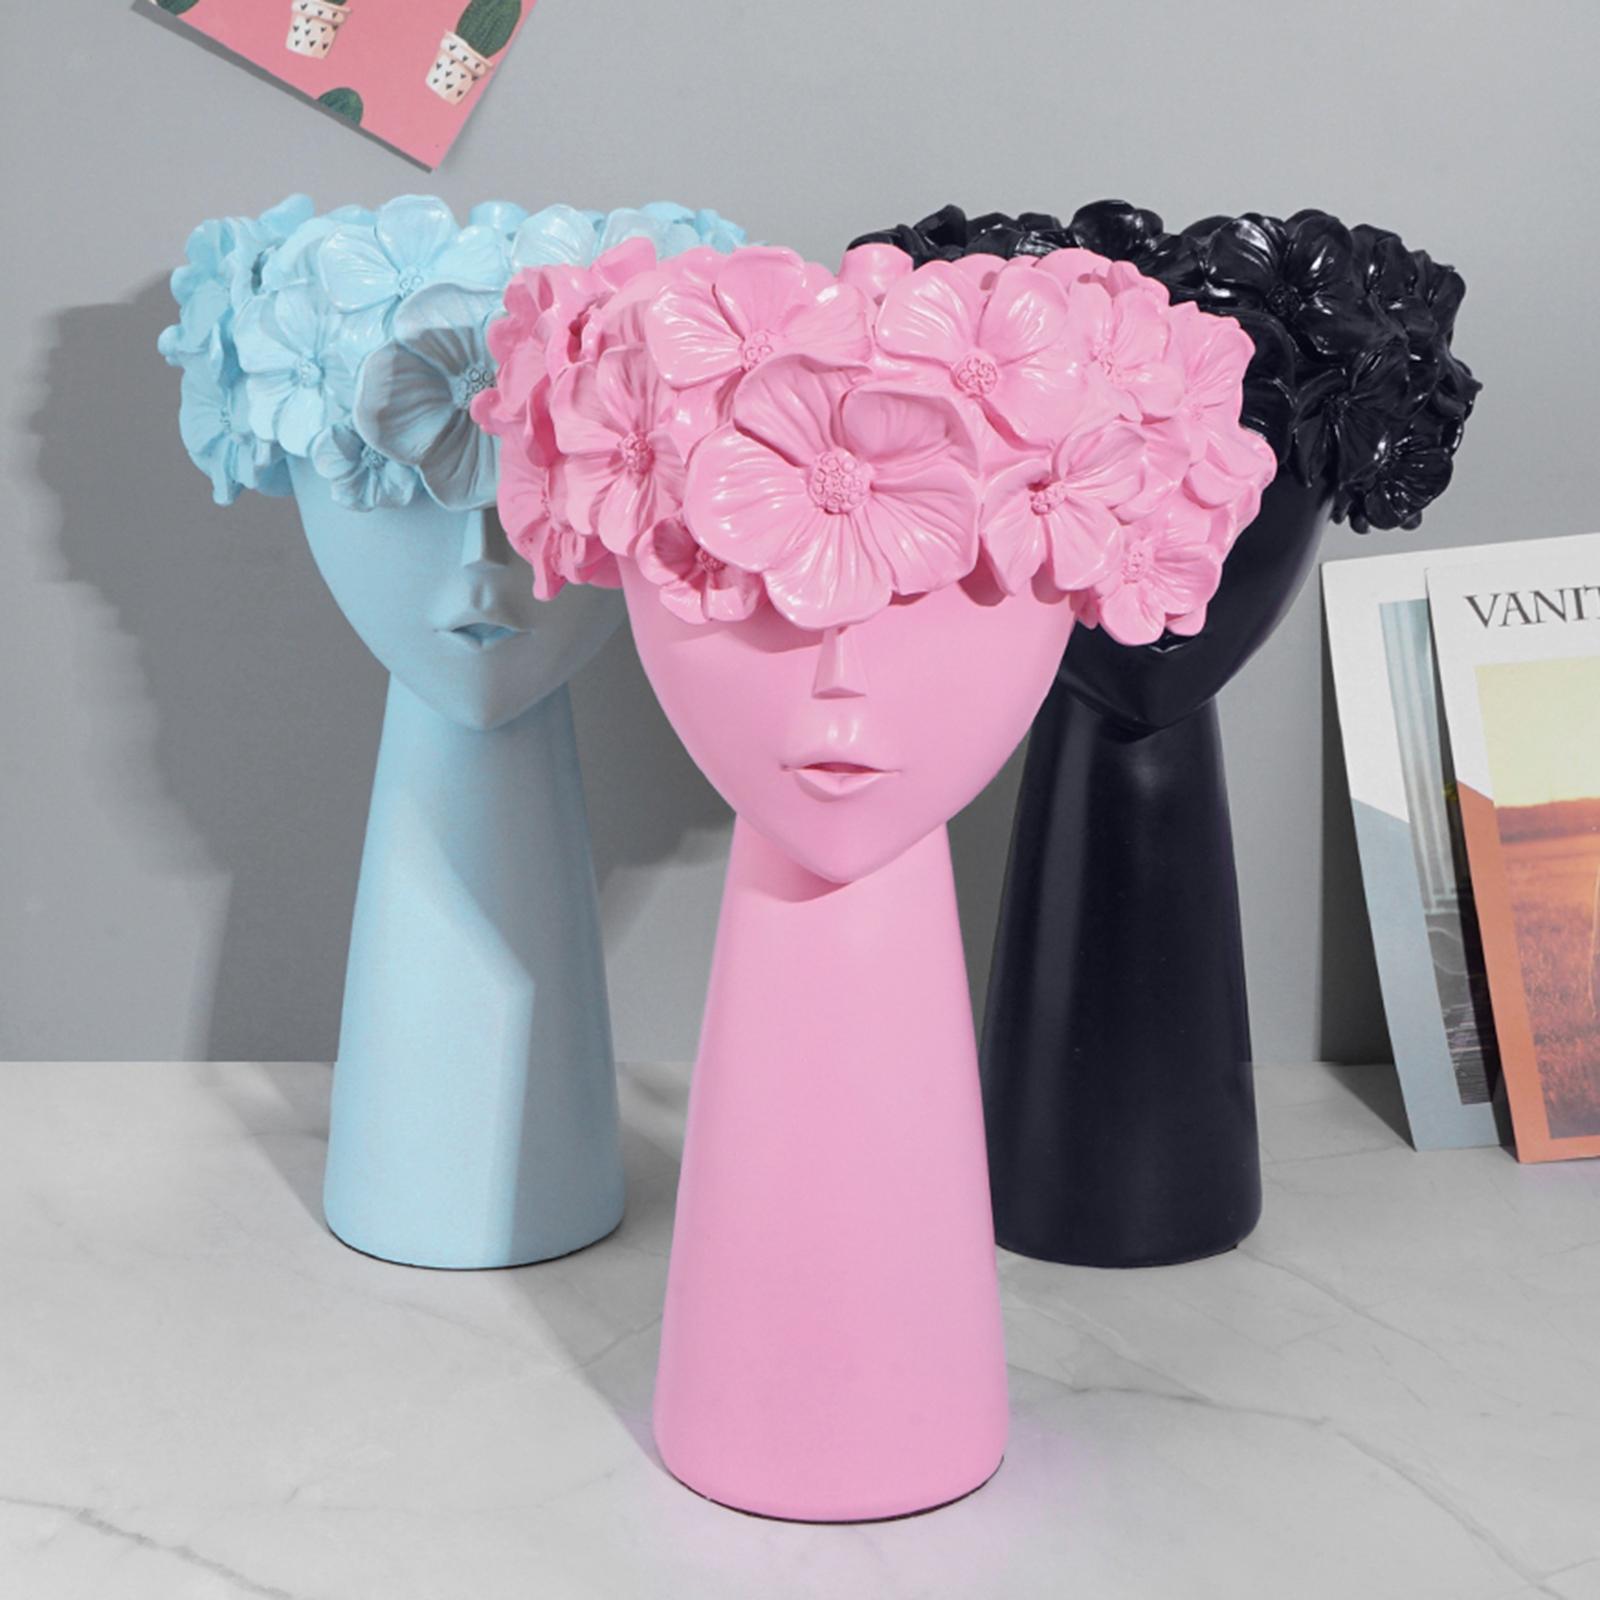 Animal Head Shape Dry Flower Vase Planter Pot Resin